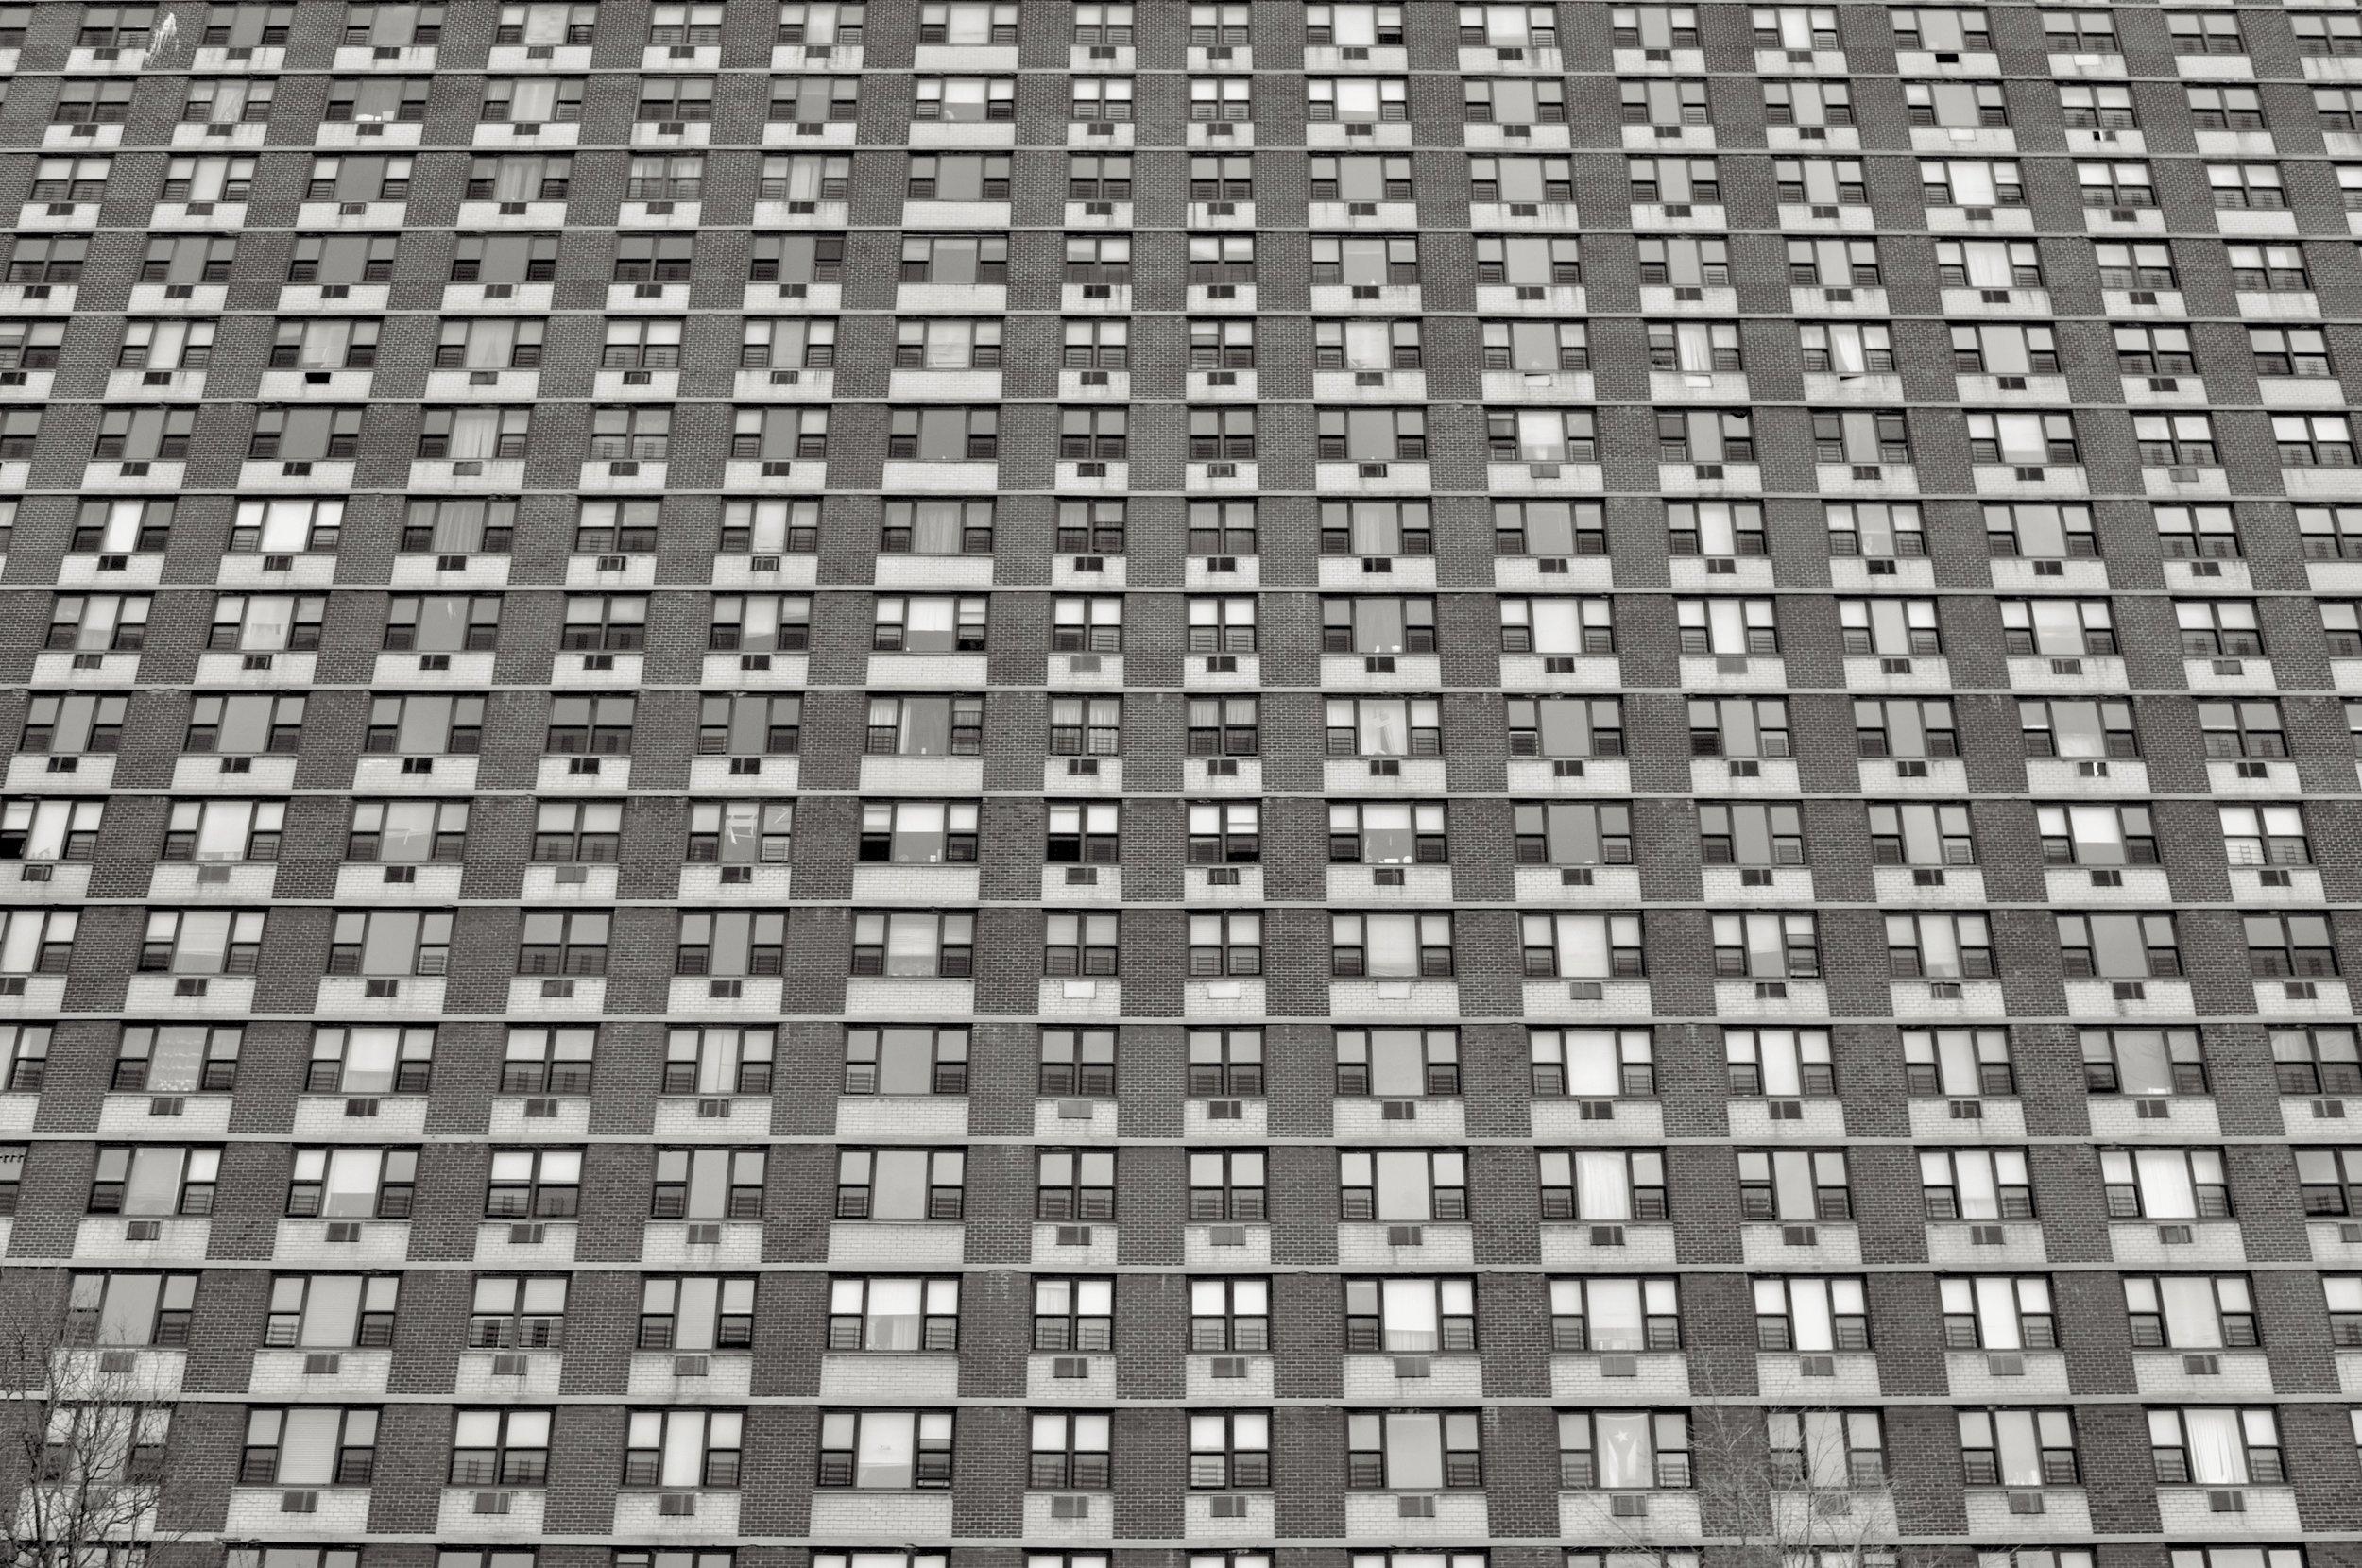 Washington Street Apartments